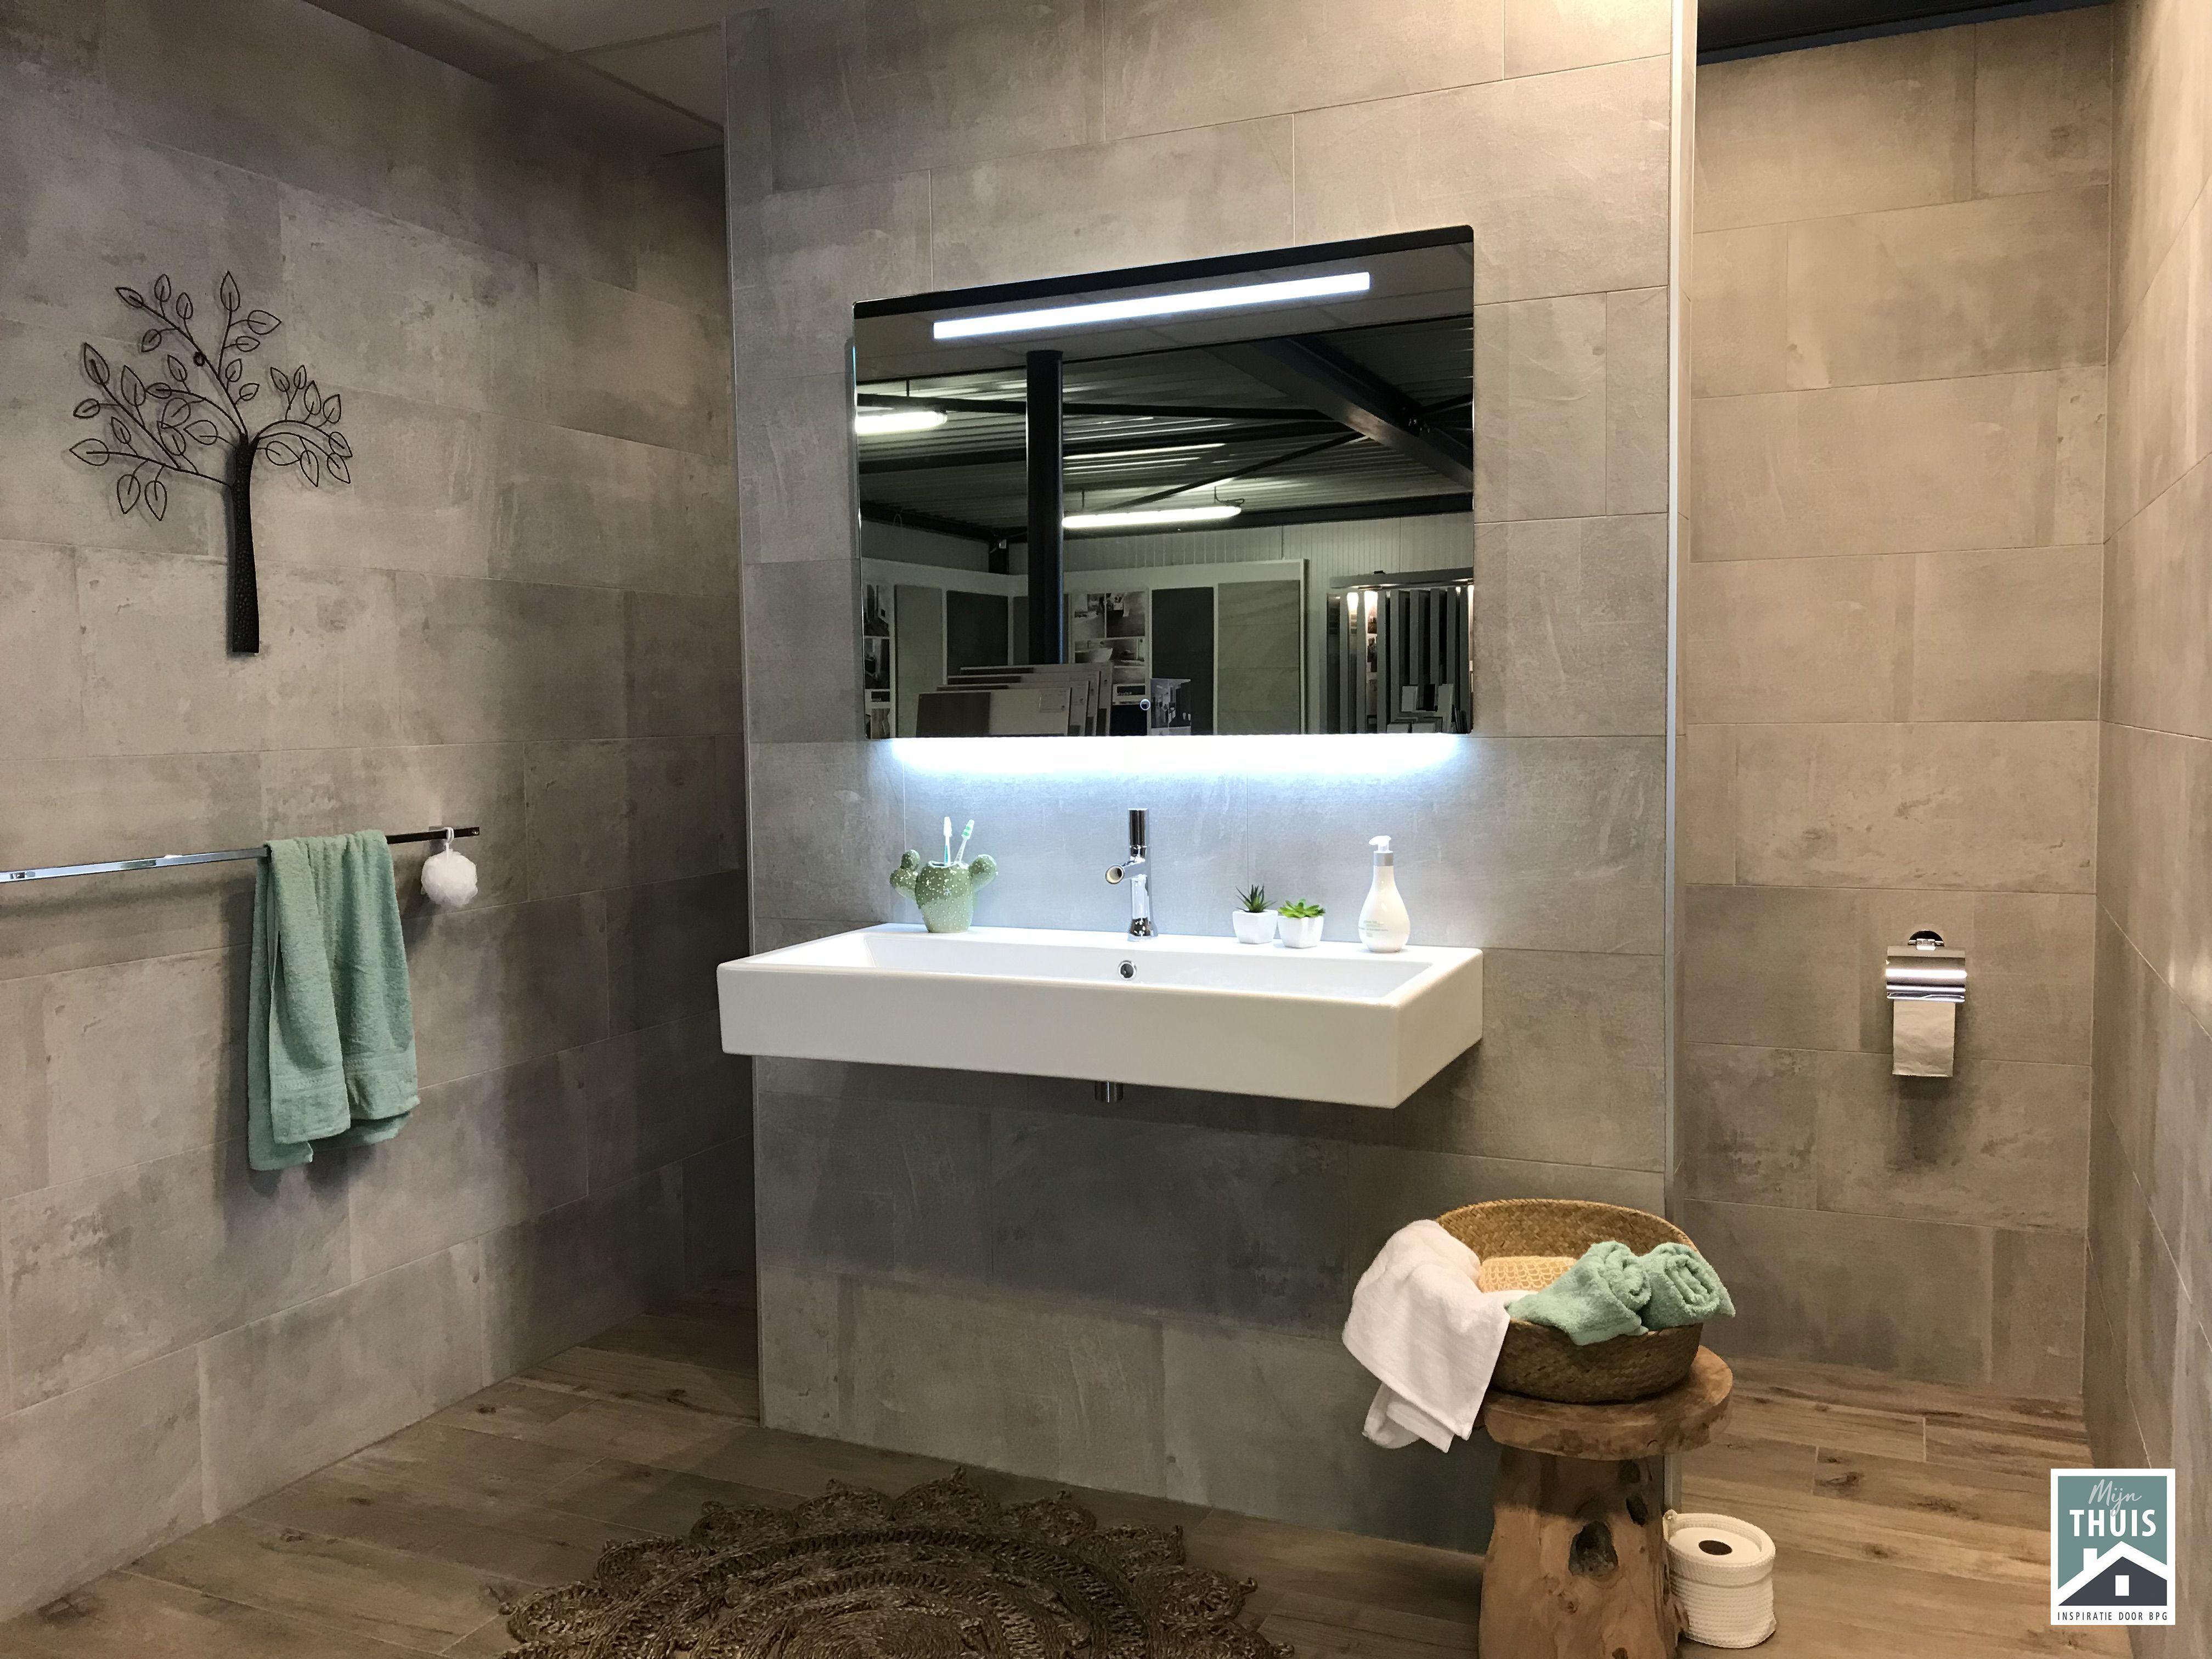 Het lijkt hout, maar het zijn tegels, ideaal dus voor in de badkamer ...